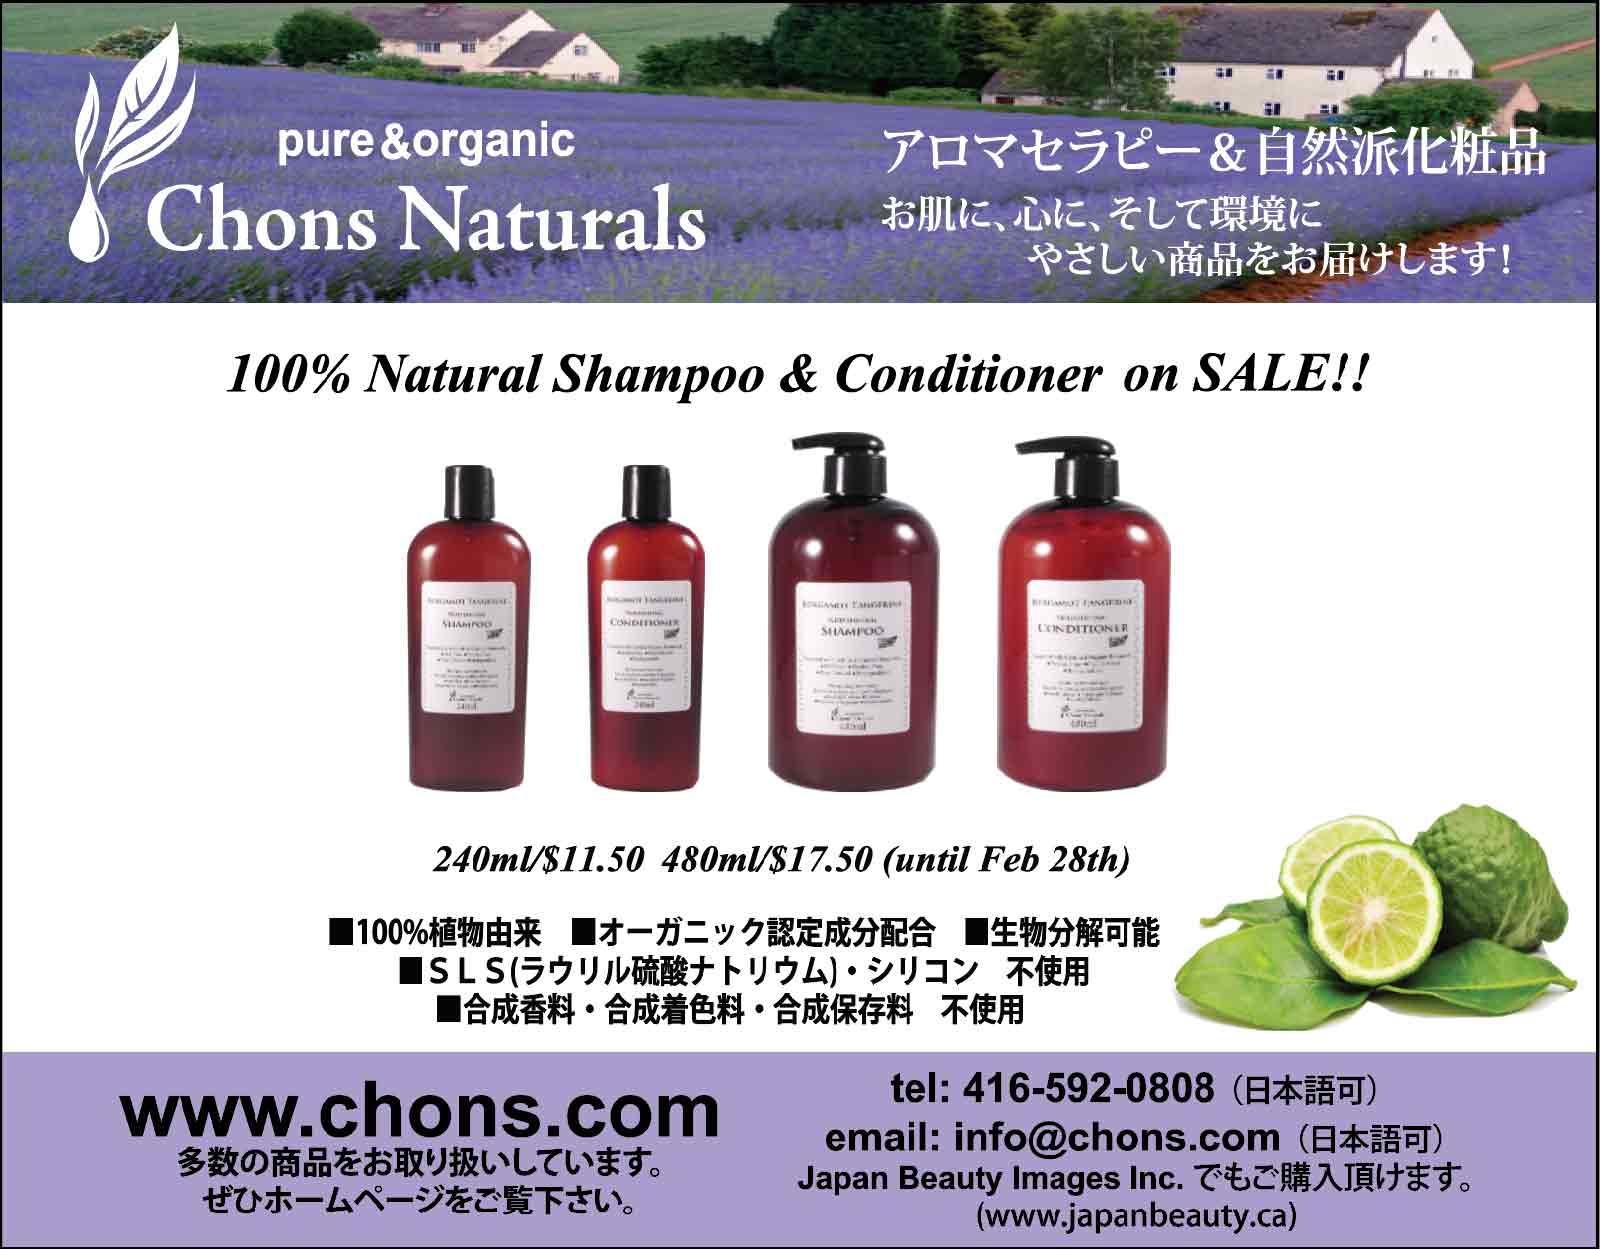 Chons